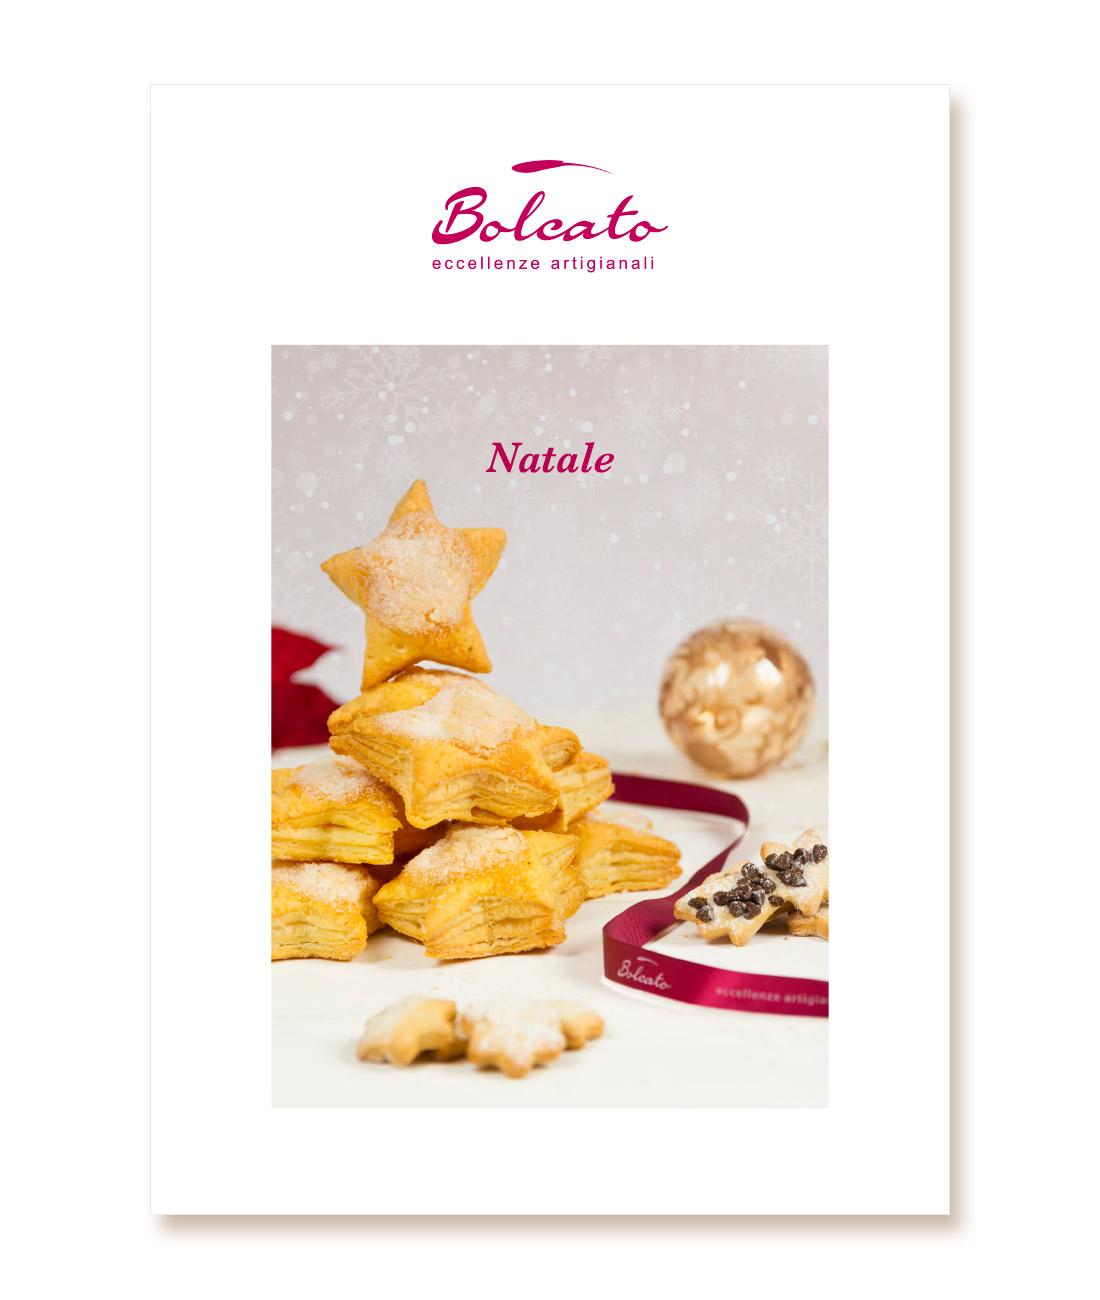 Catalogo-Natale-2018-Bolcato